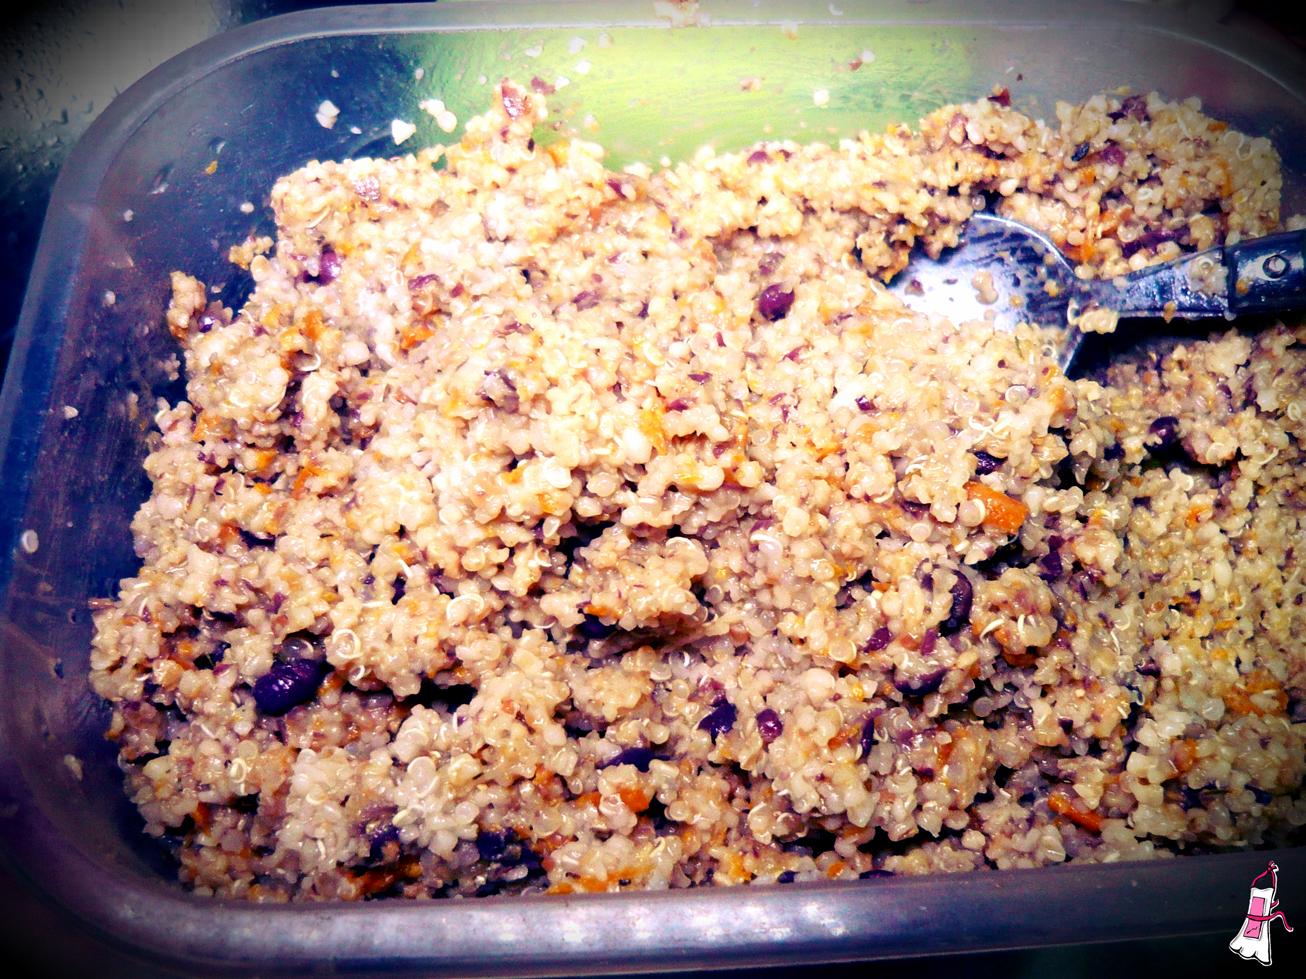 Food revolution day receta de hamburguesas de quinoa y for Cocina quinoa con verduras